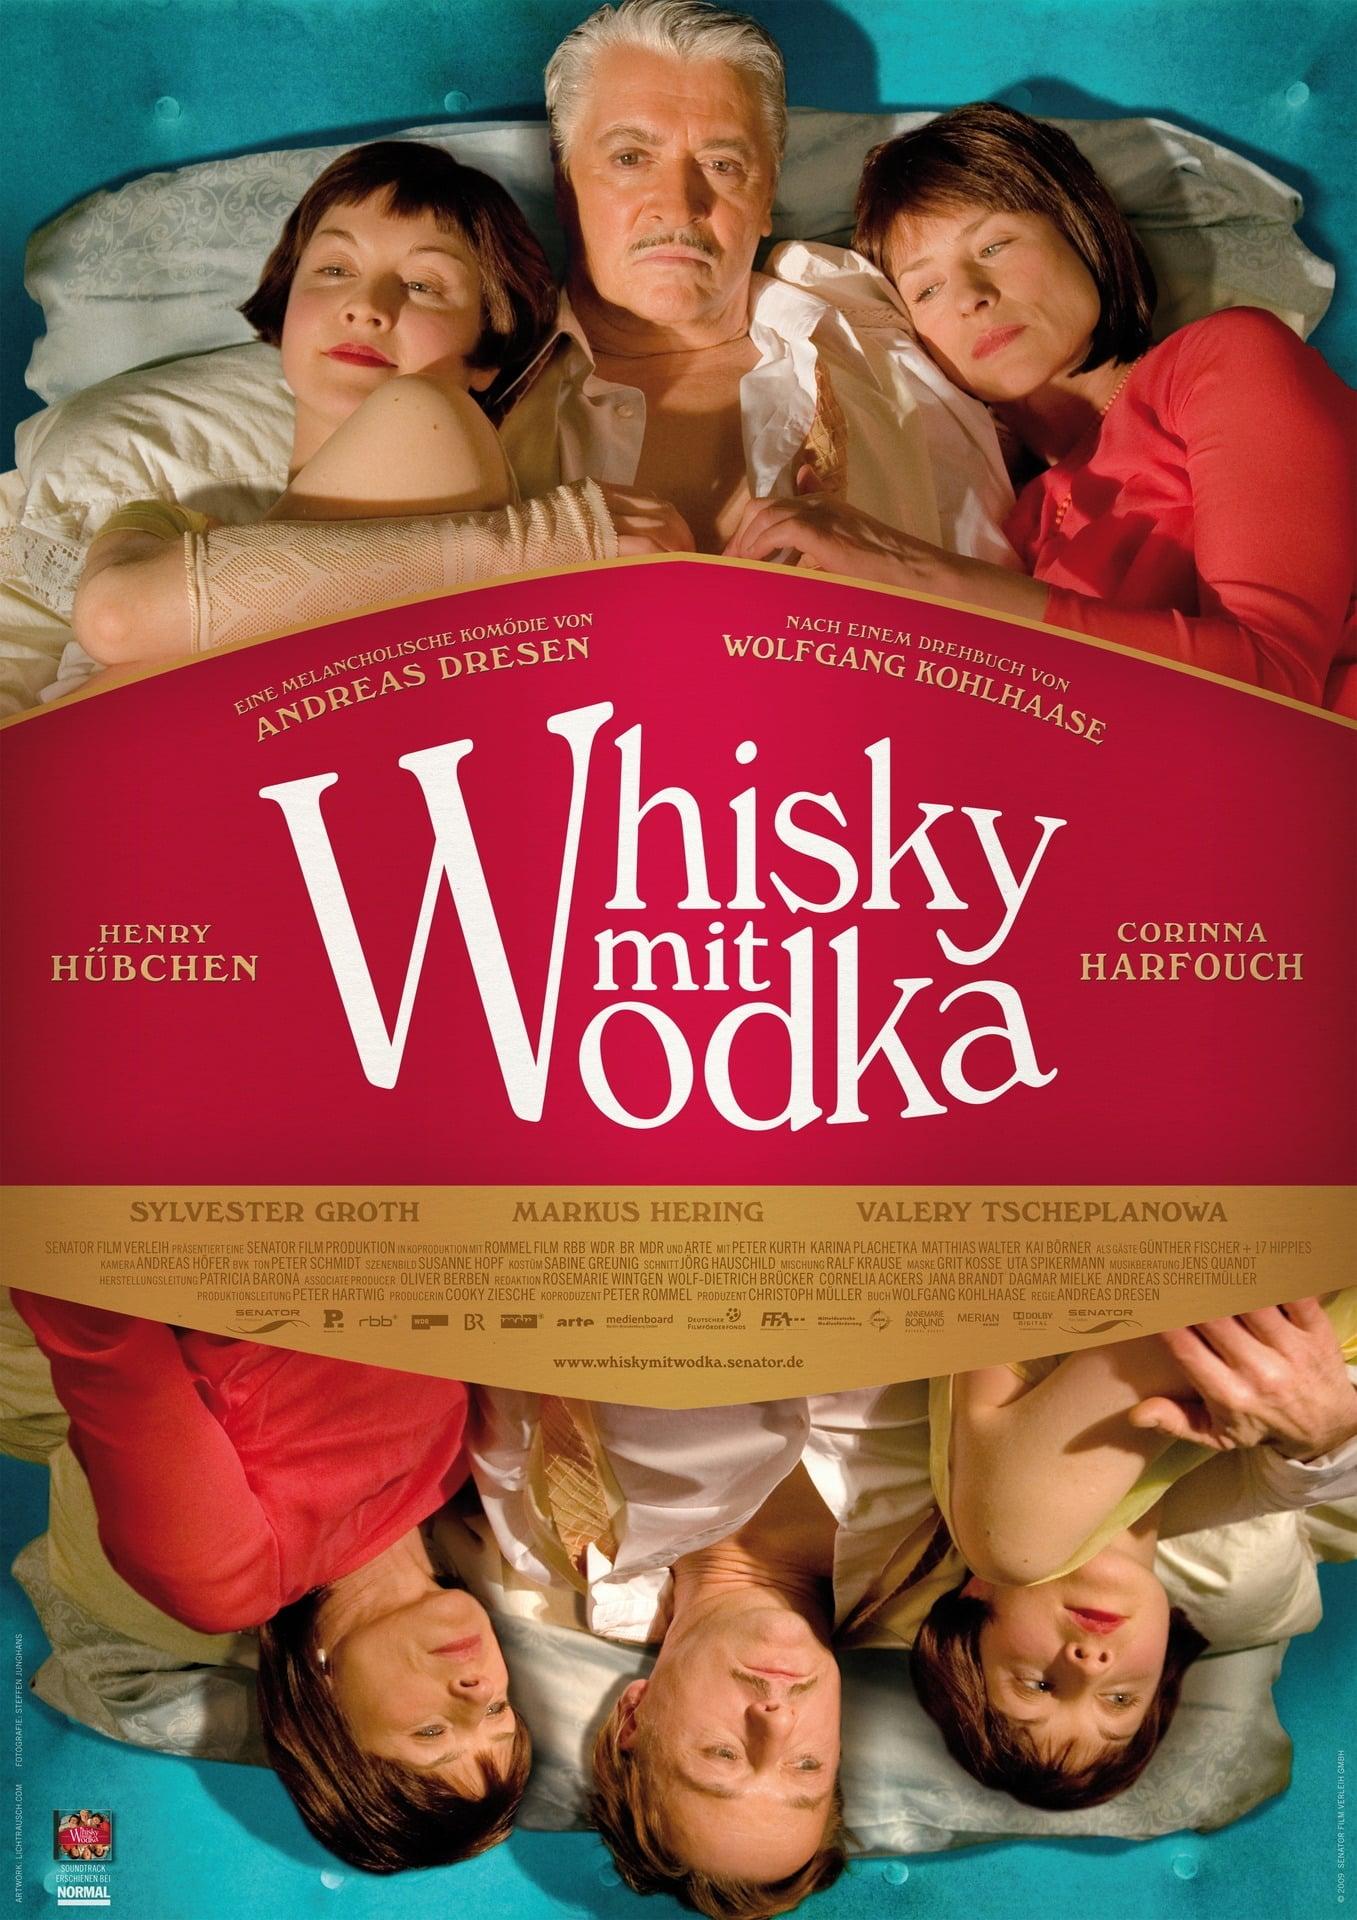 Whisky & Vodka